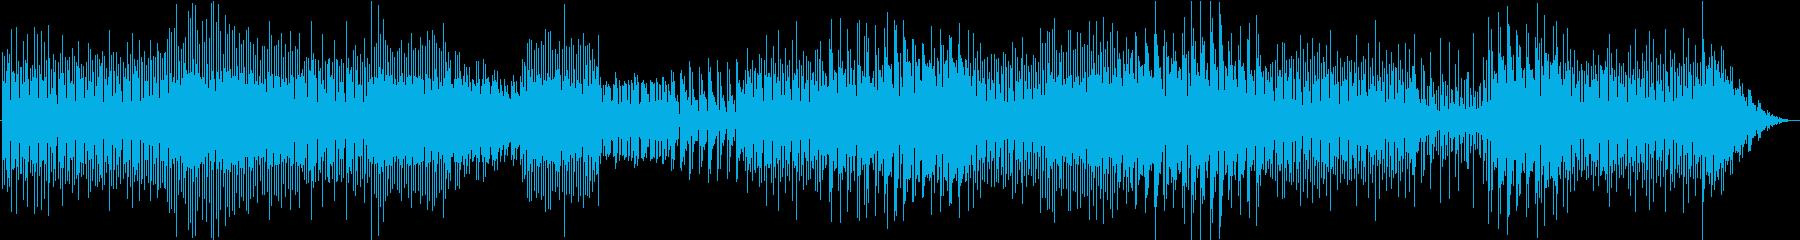 長尺-ダークで重たいテクノの再生済みの波形